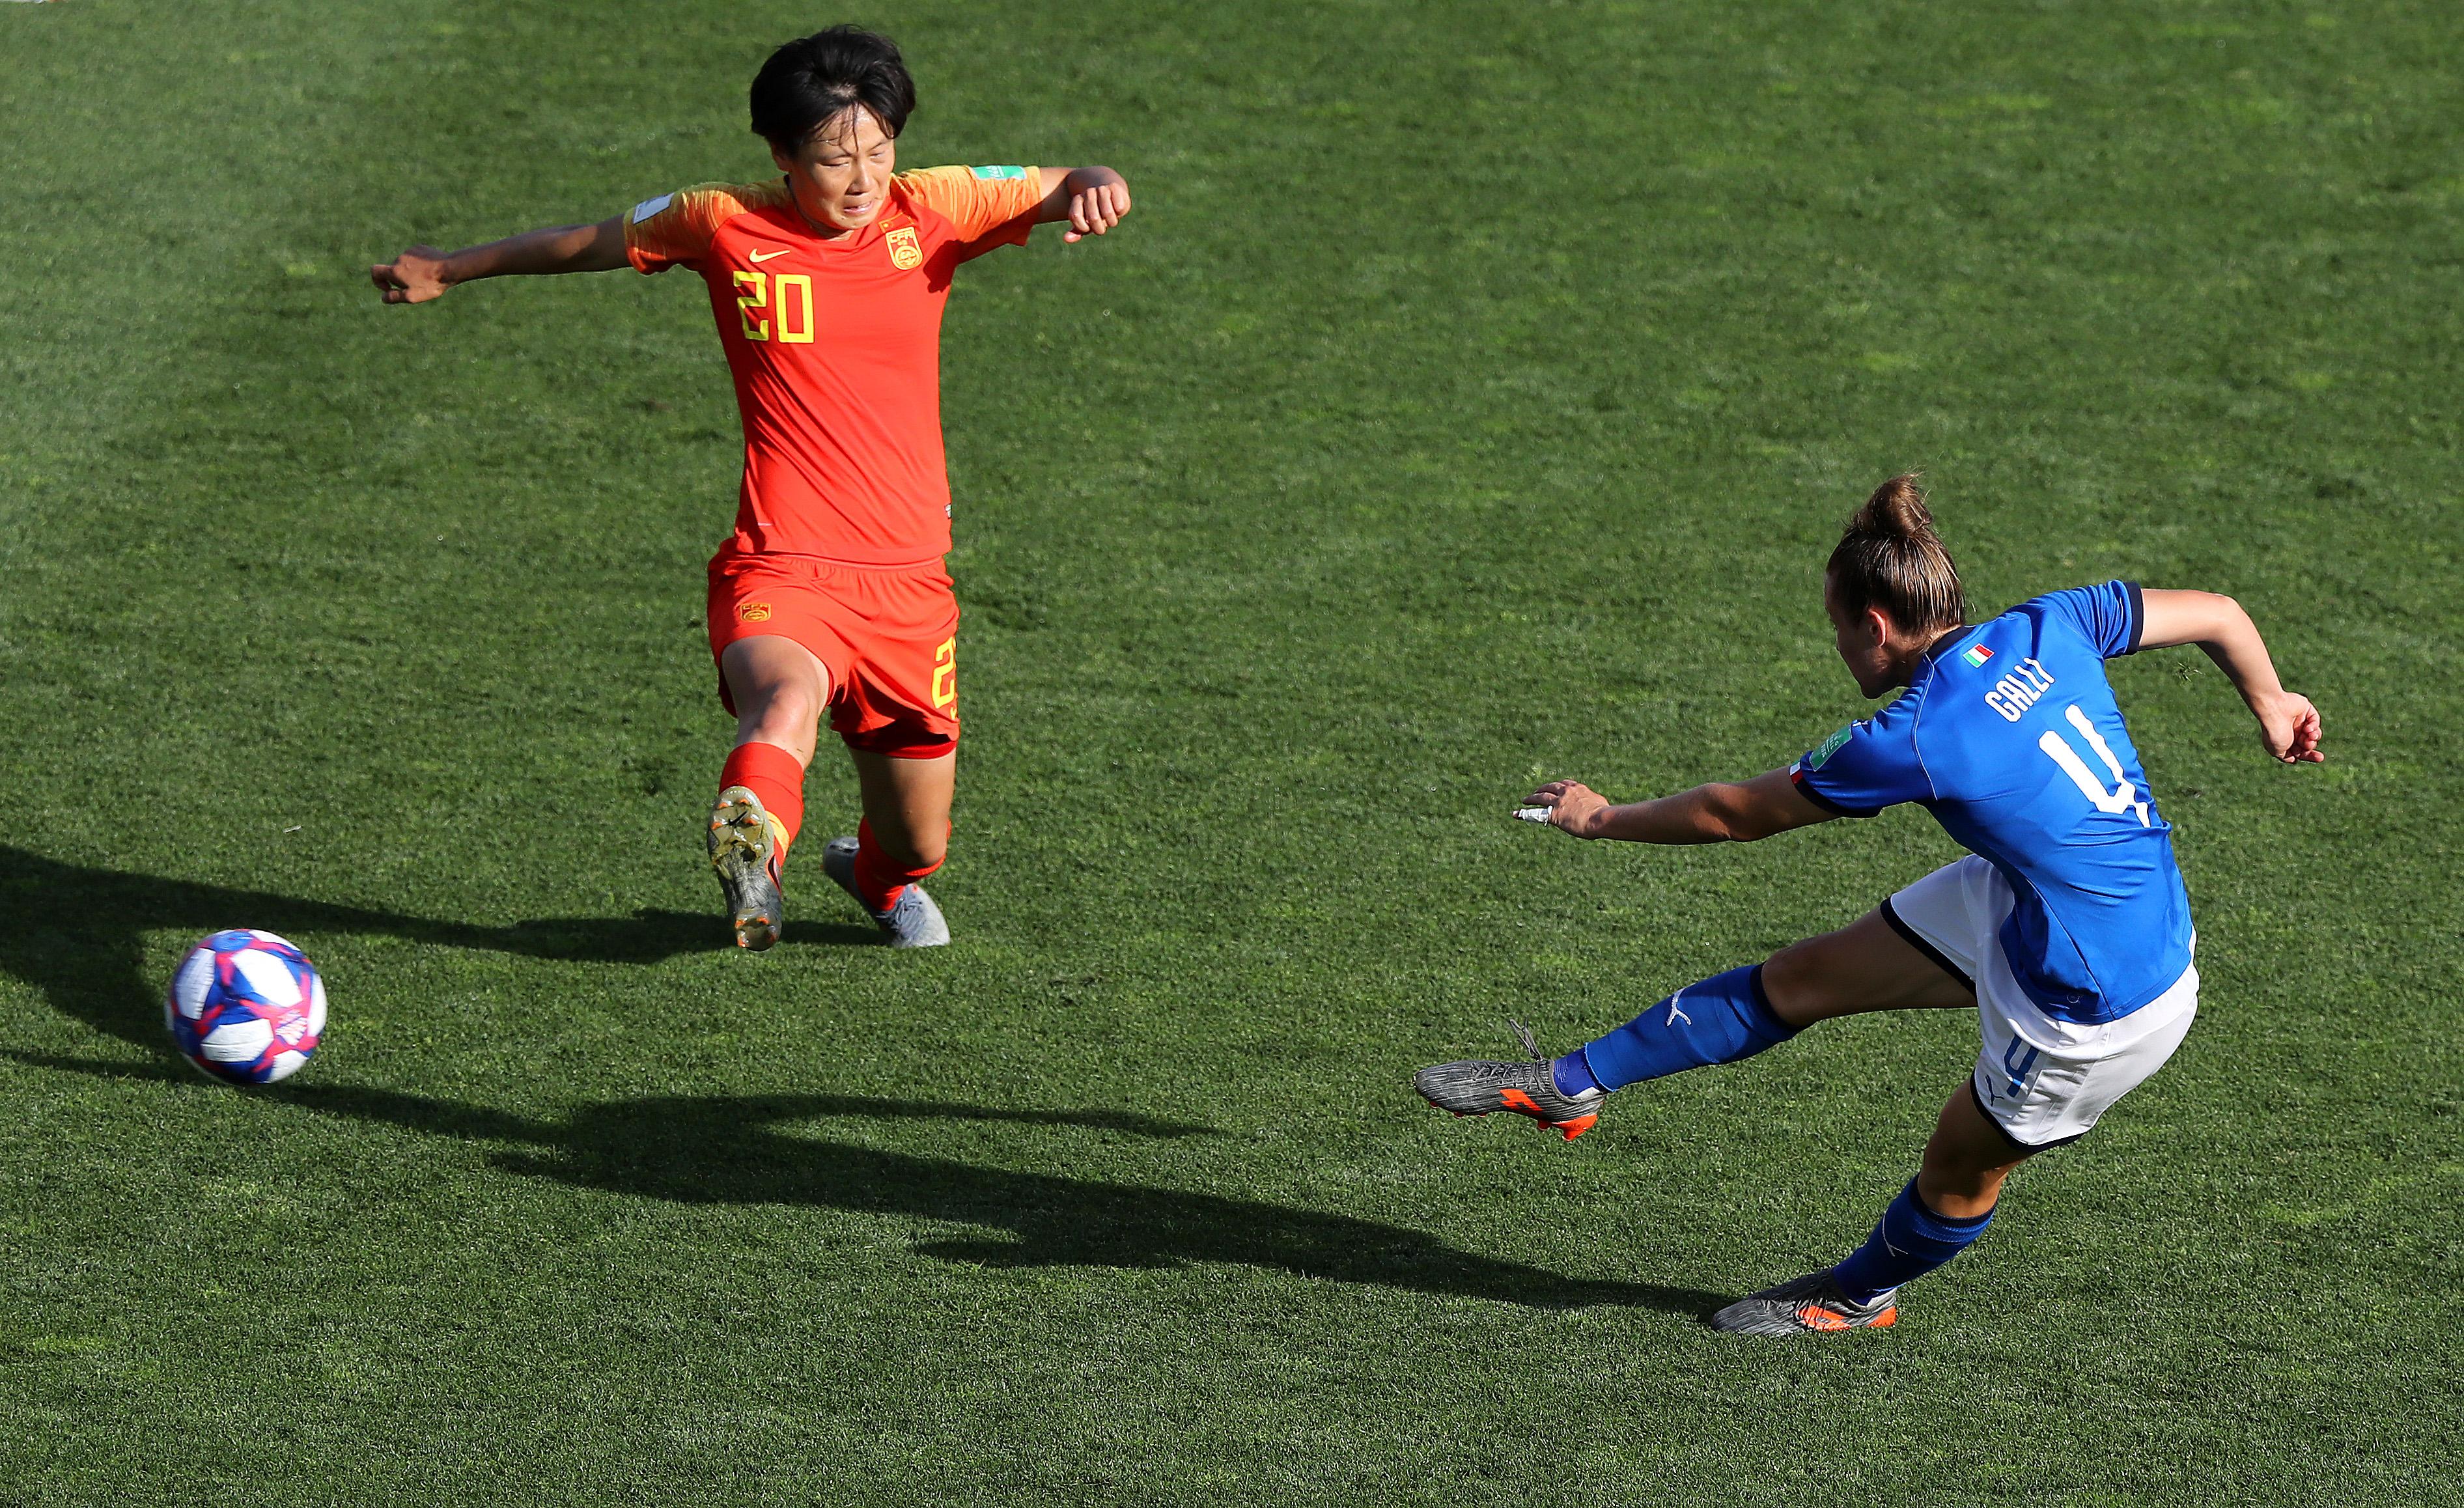 Coupe du monde féminine - Italie-Chine (2-0) : L'Italie ne tremble pas et se qualifie en quarts de finale